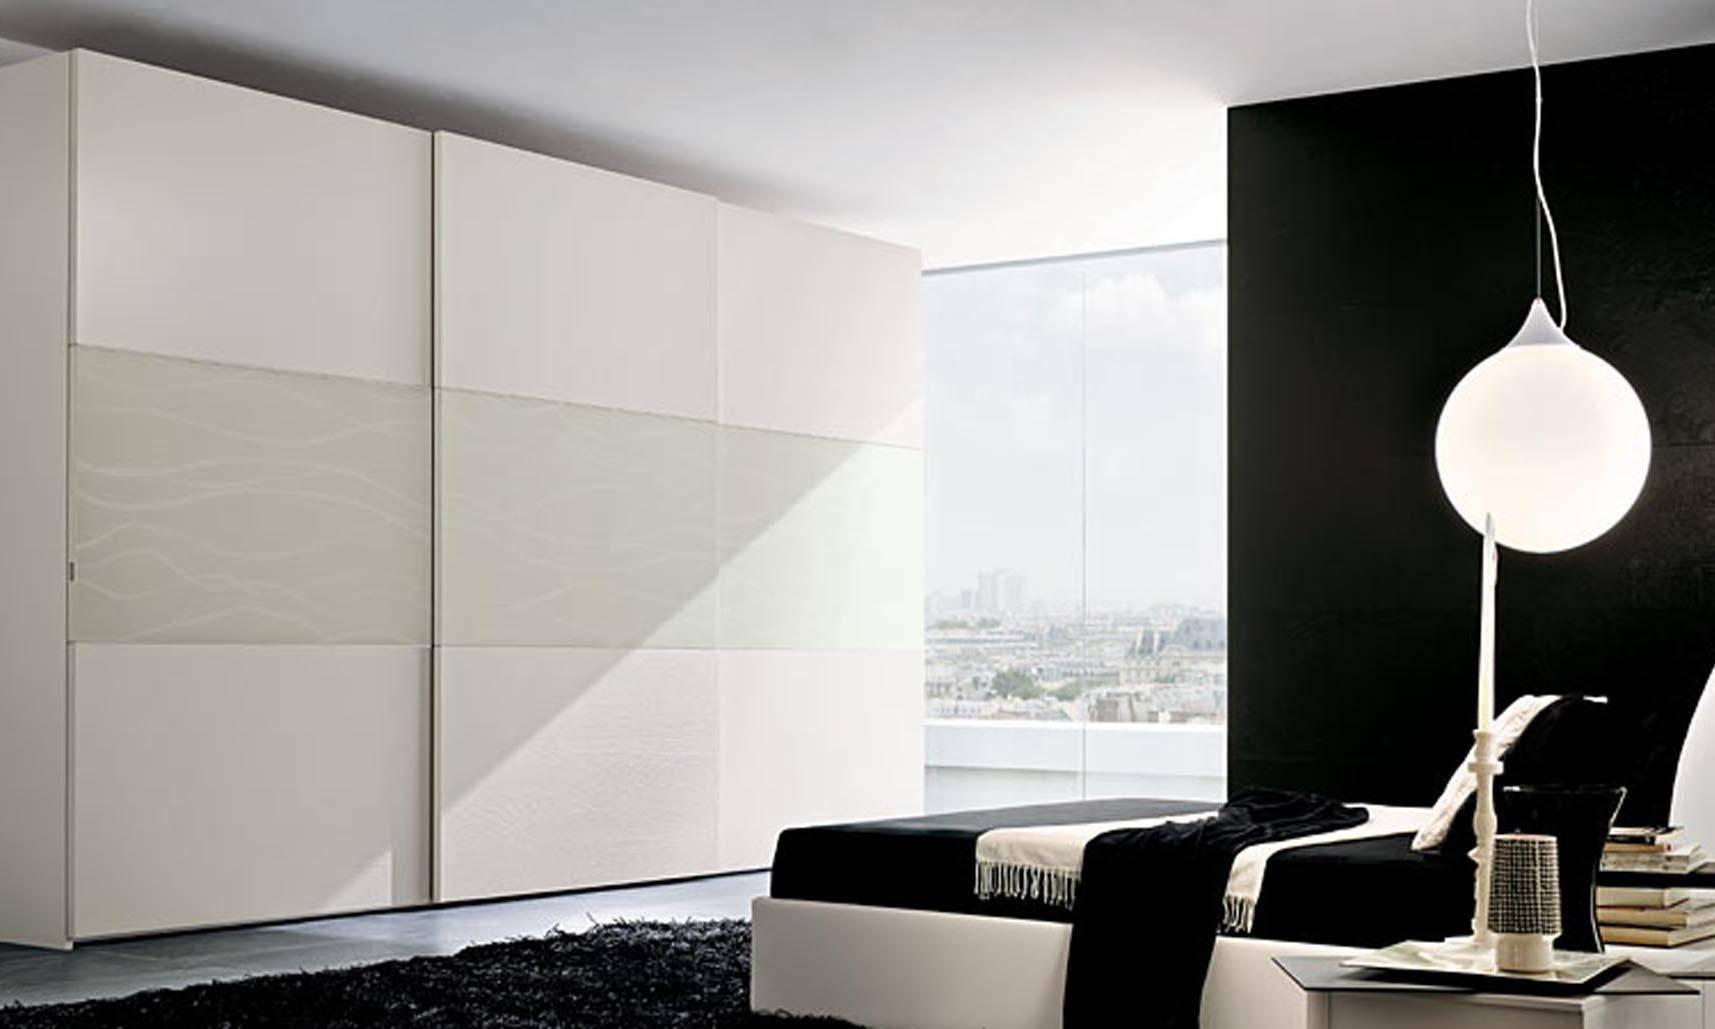 Camera Da Letto Bianco E Nero : Categorie camere da letto cucine arredamenti